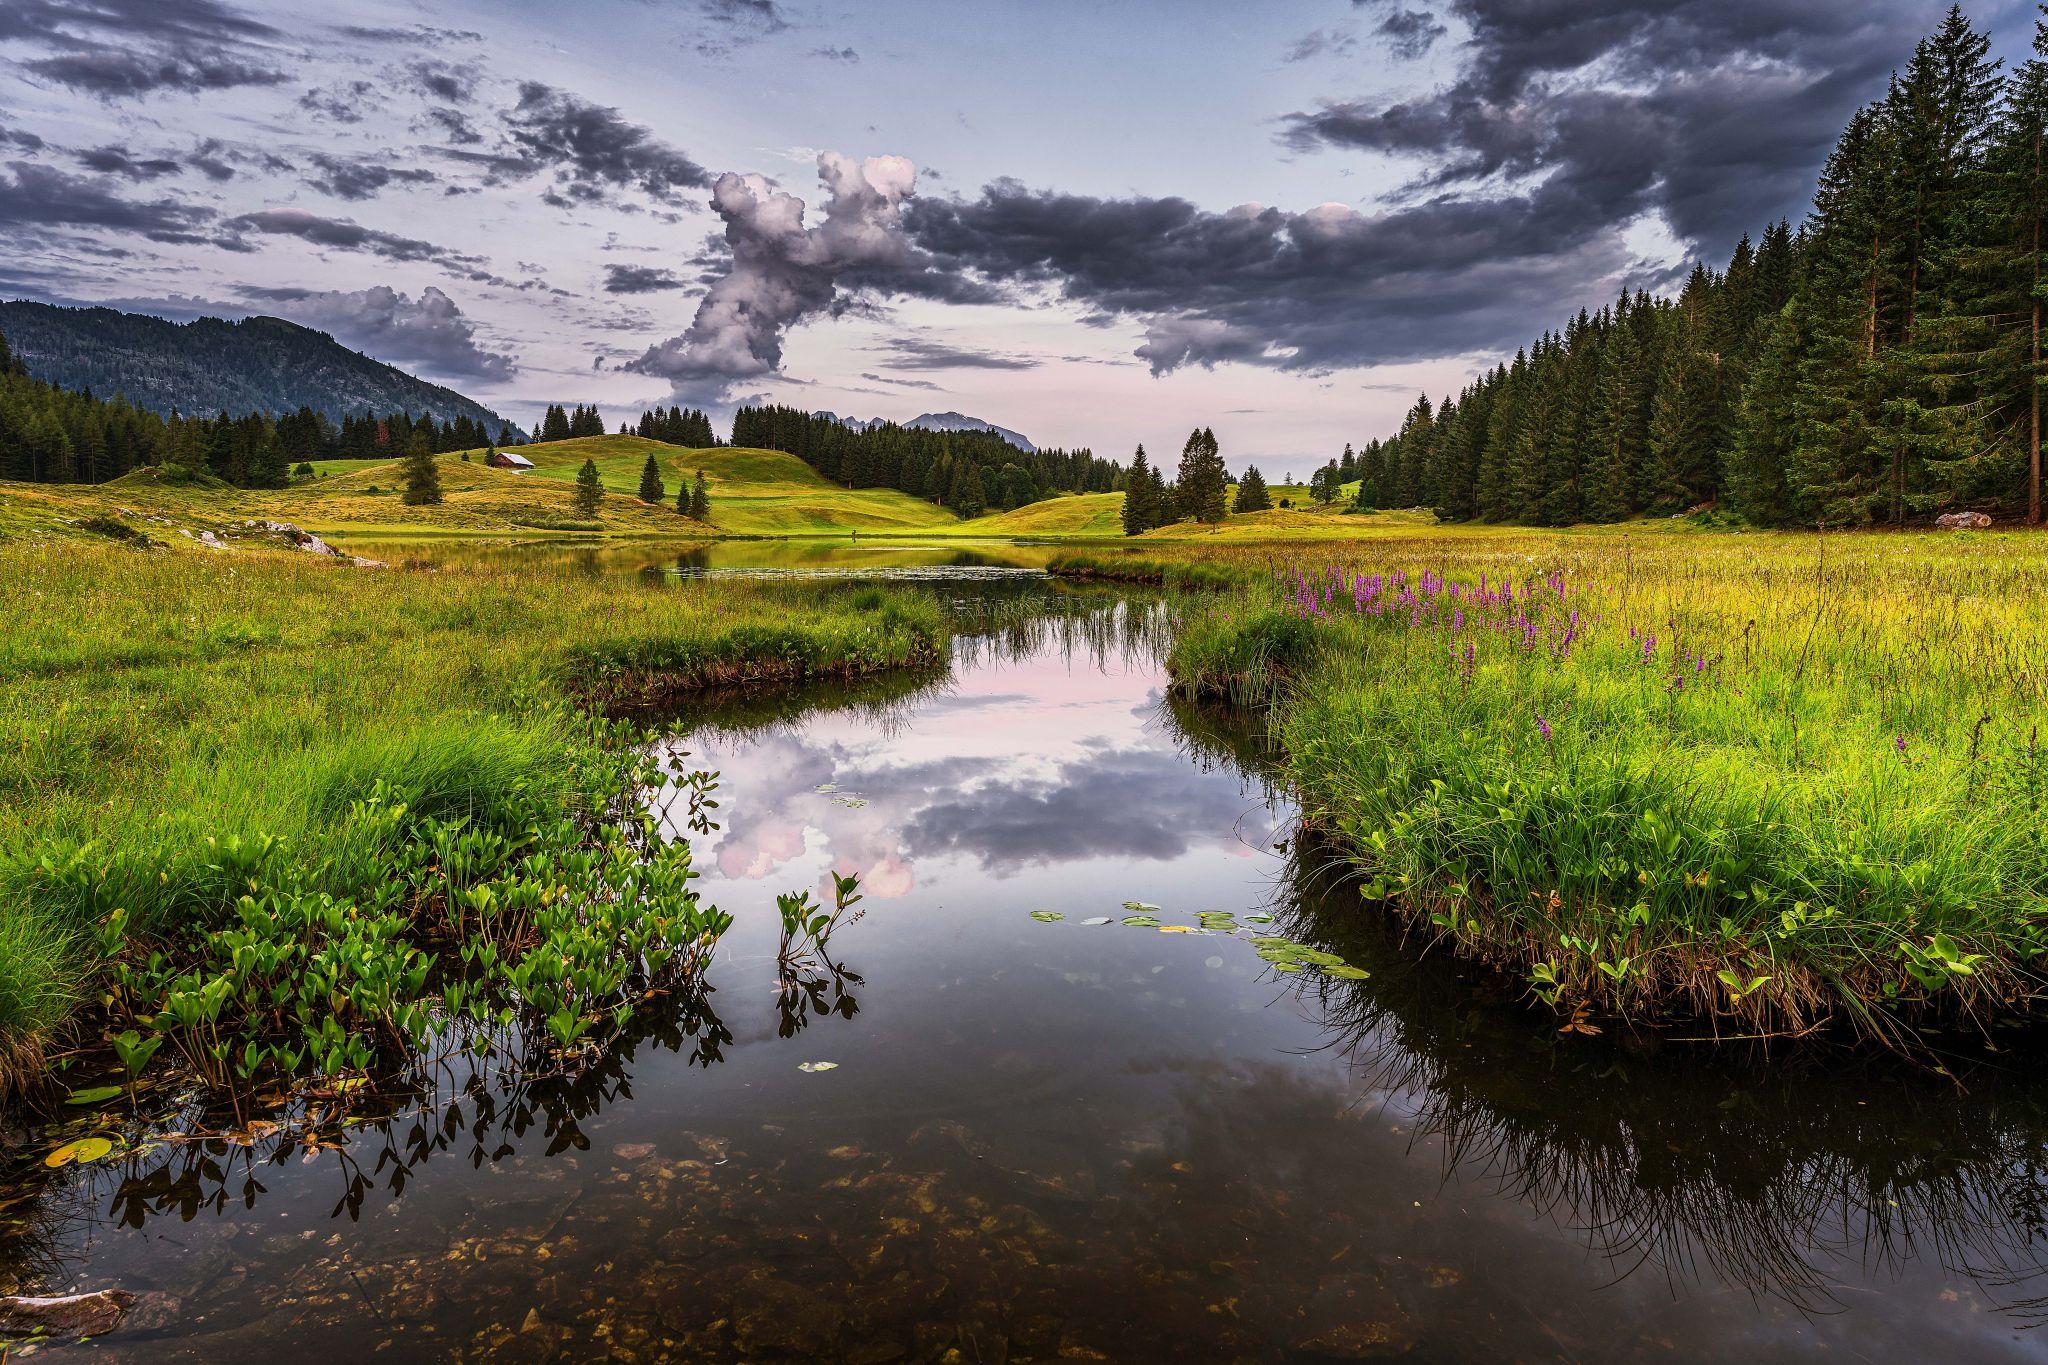 Seewaldsee, Austria